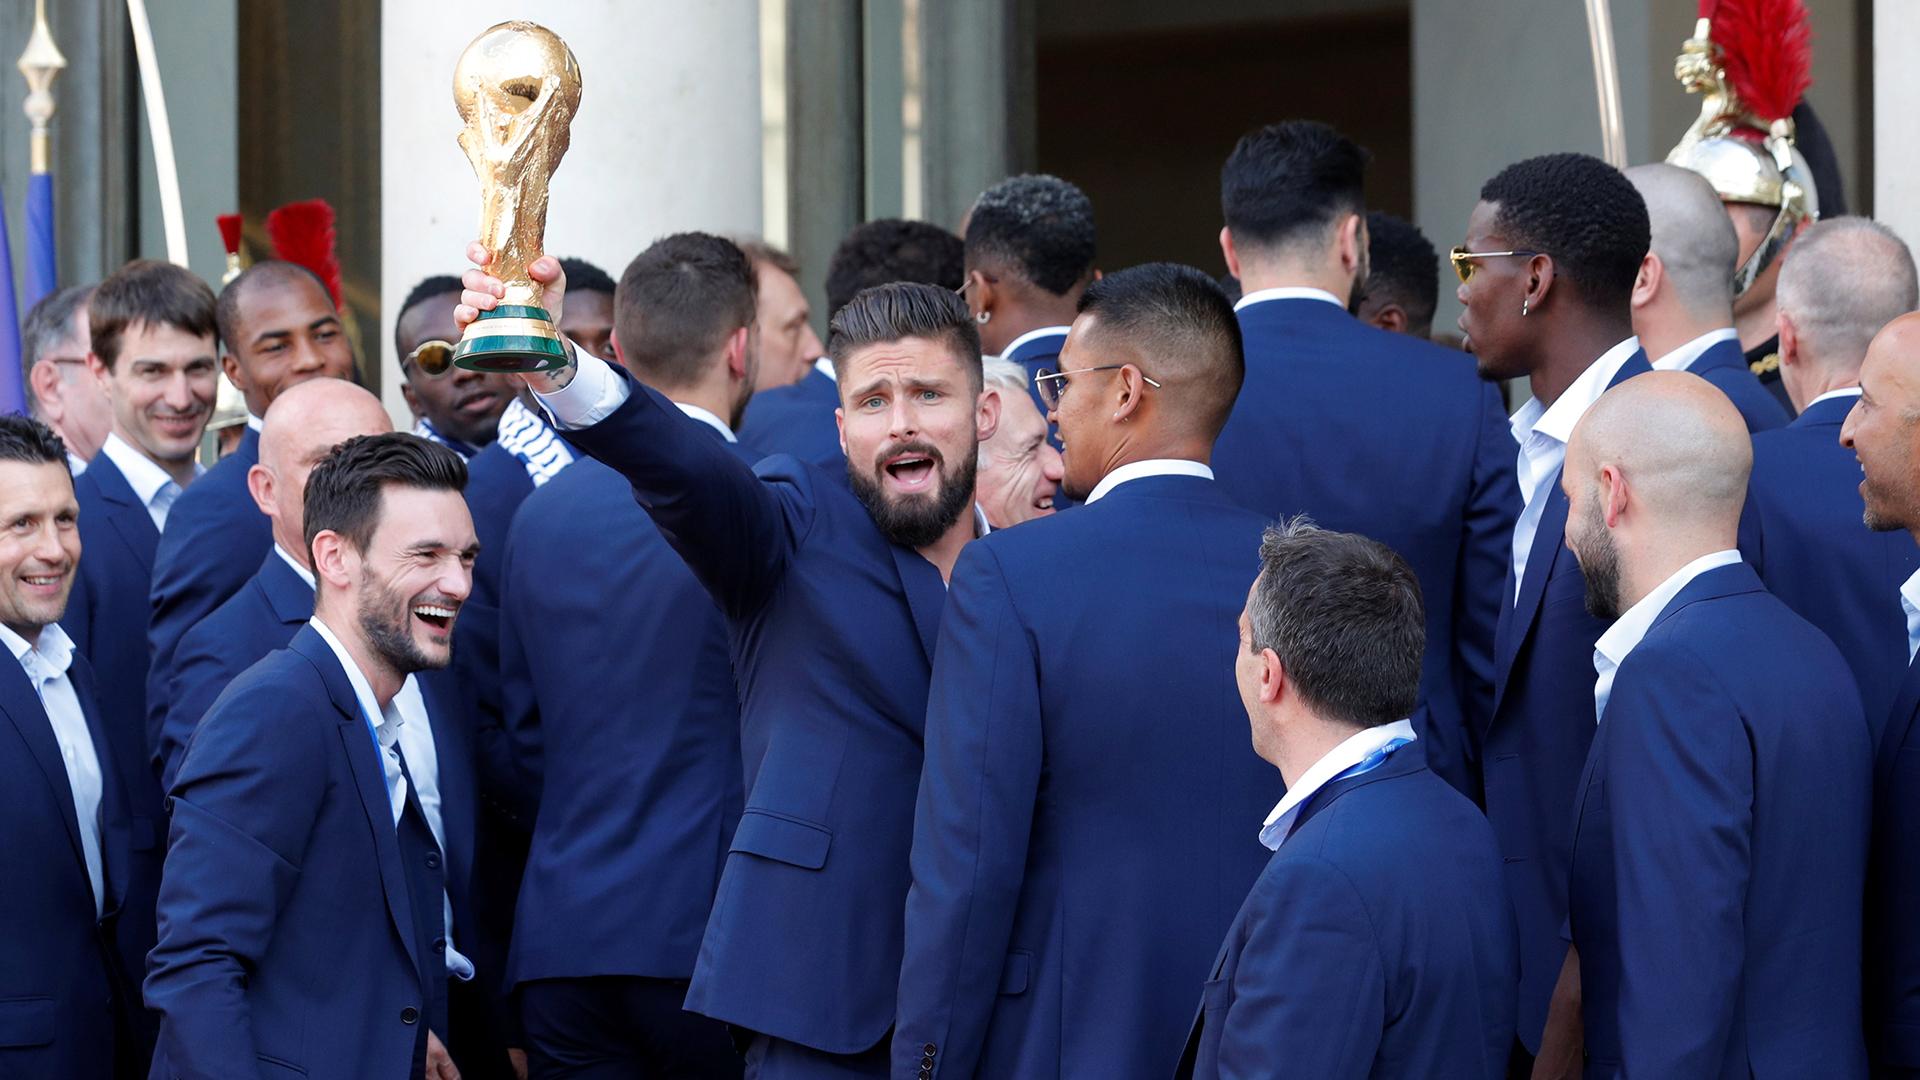 Olivier Giroud, que no marcó goles en el Mundial, feliz con el trofeo